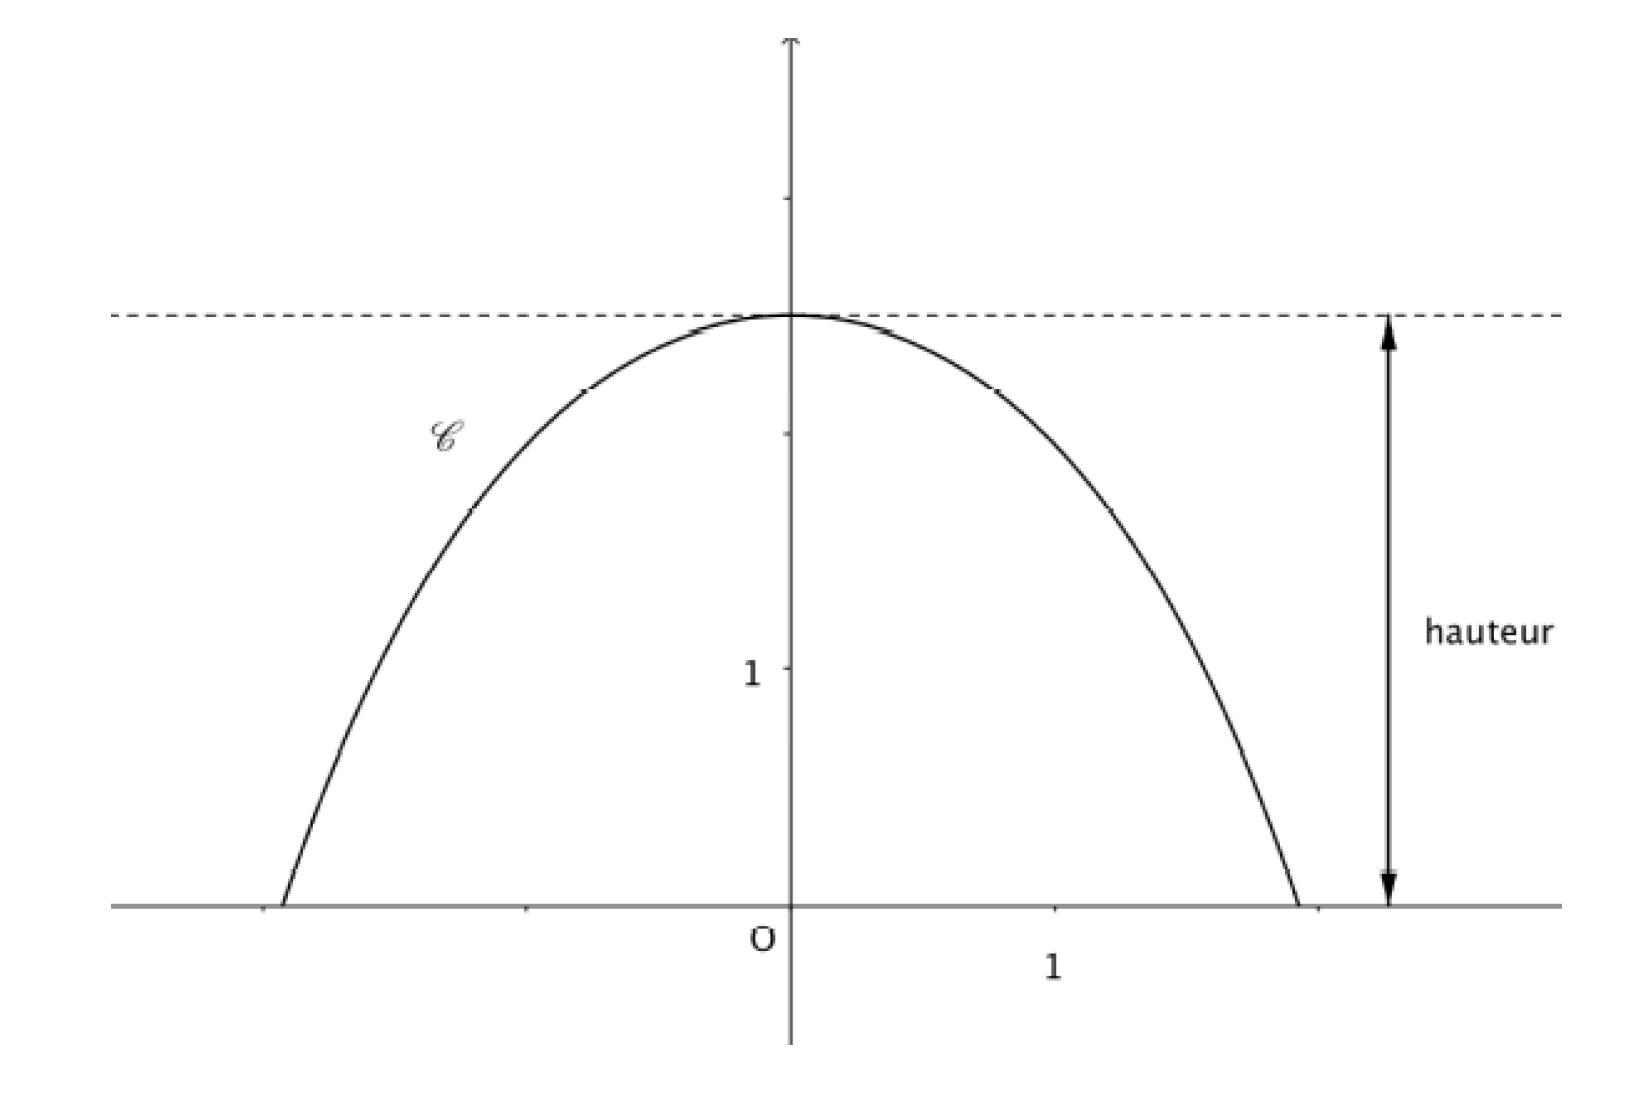 Alt Mathématiques terminale S sujet bac 2019